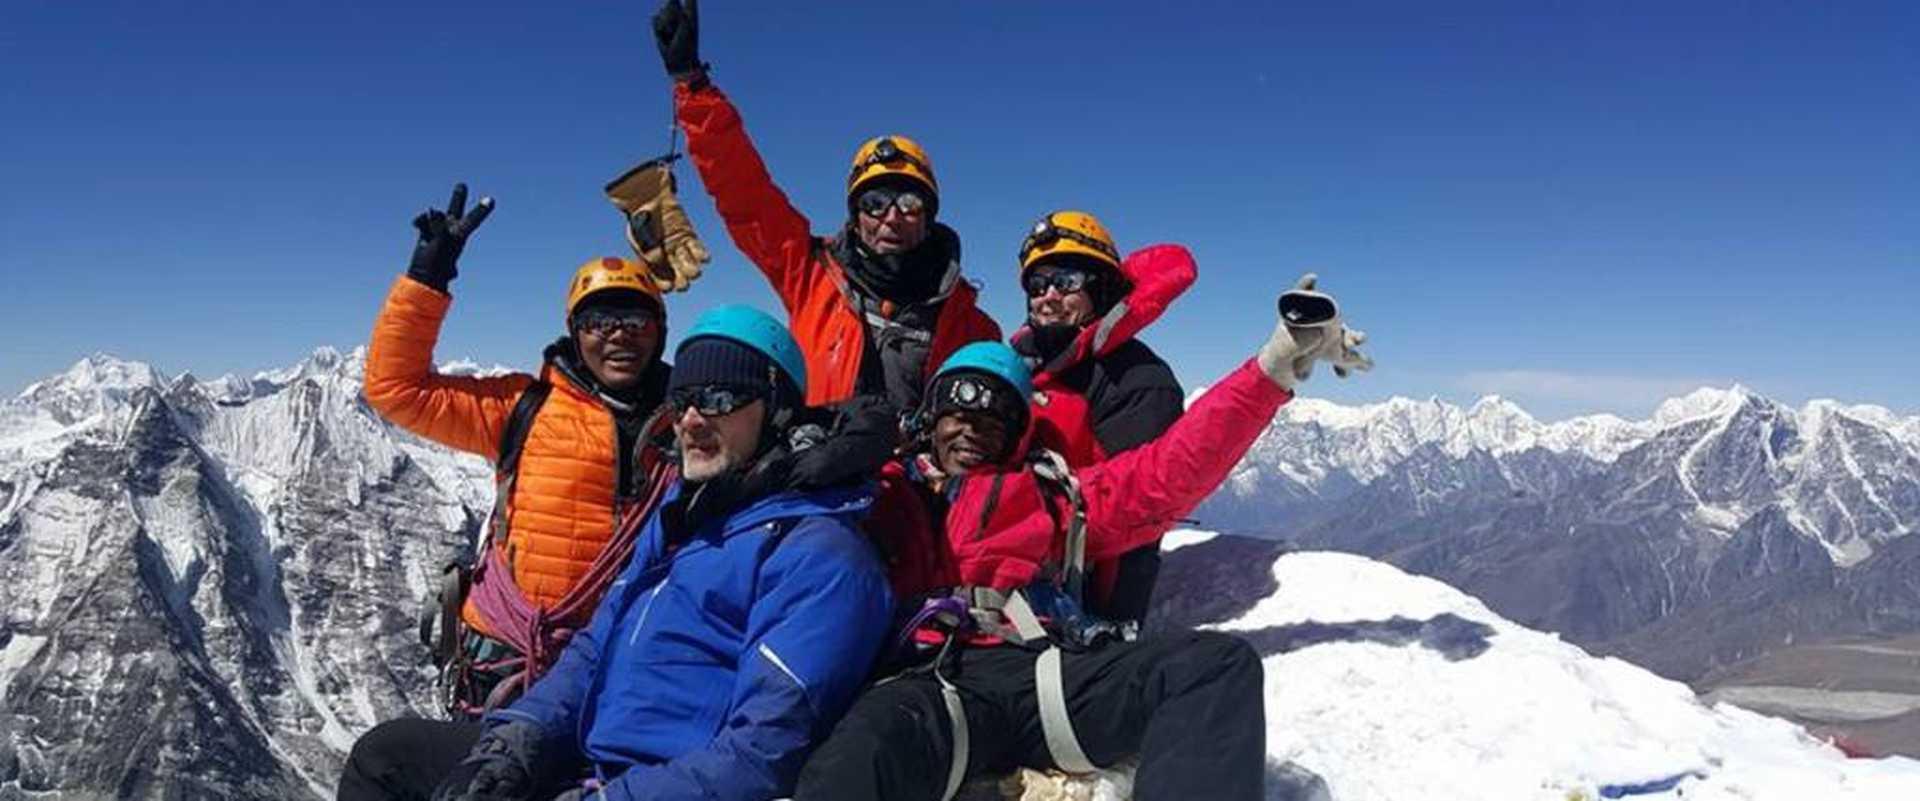 Kandoo Management Team Summit Island Peak